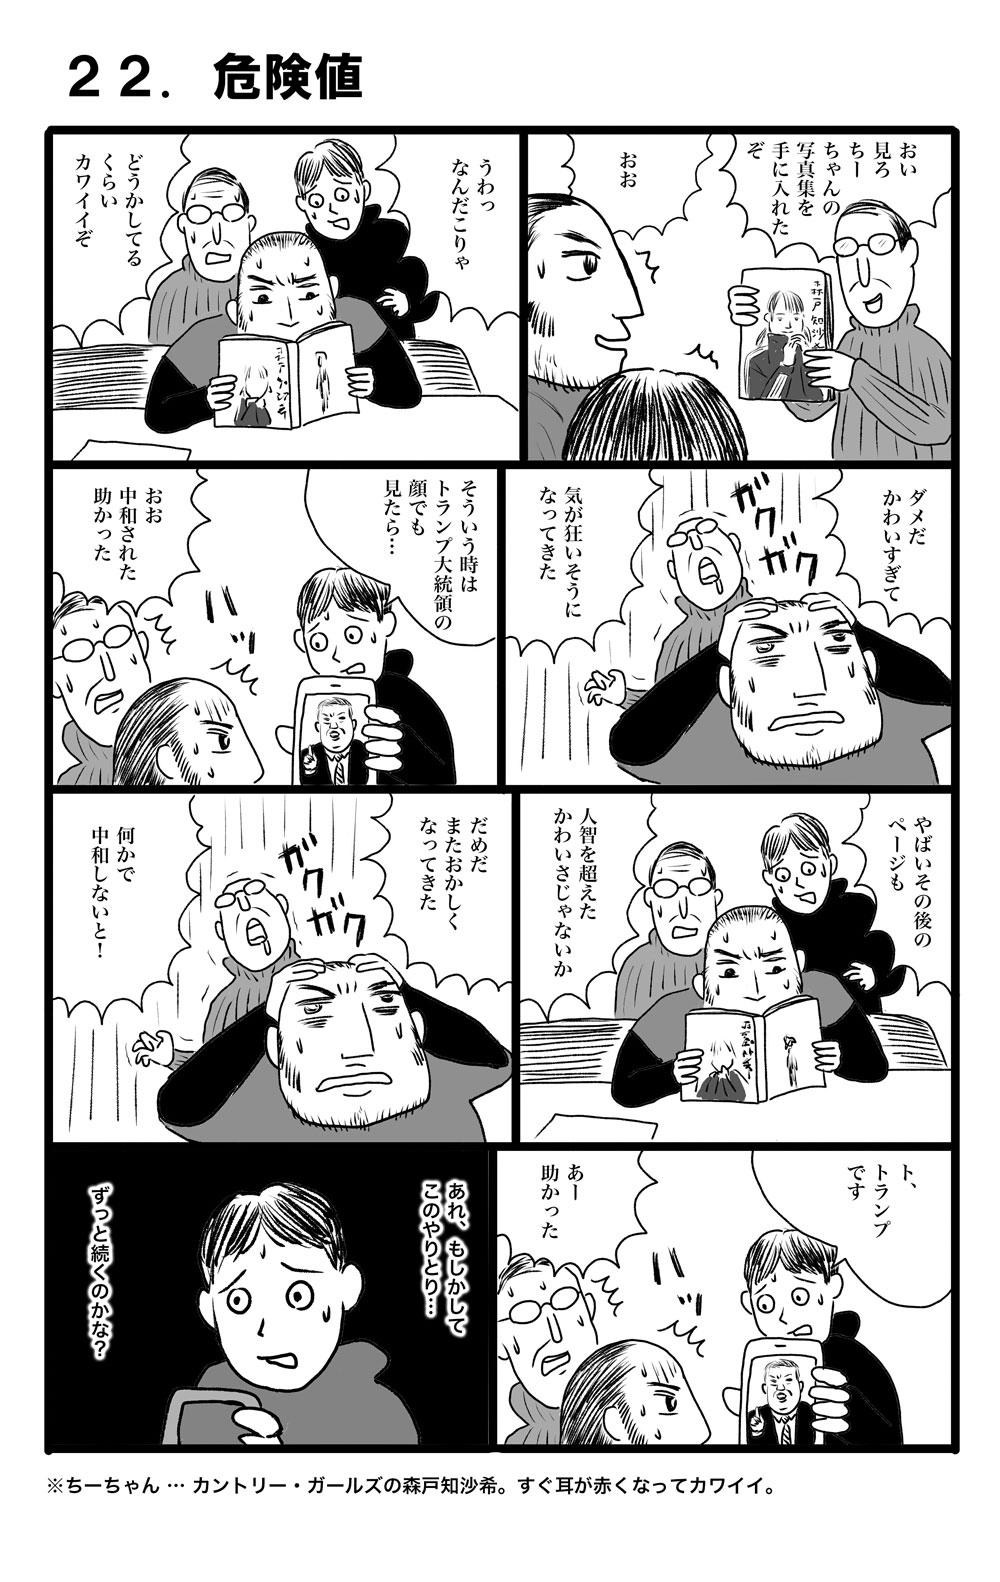 tsurugi-mikito-022